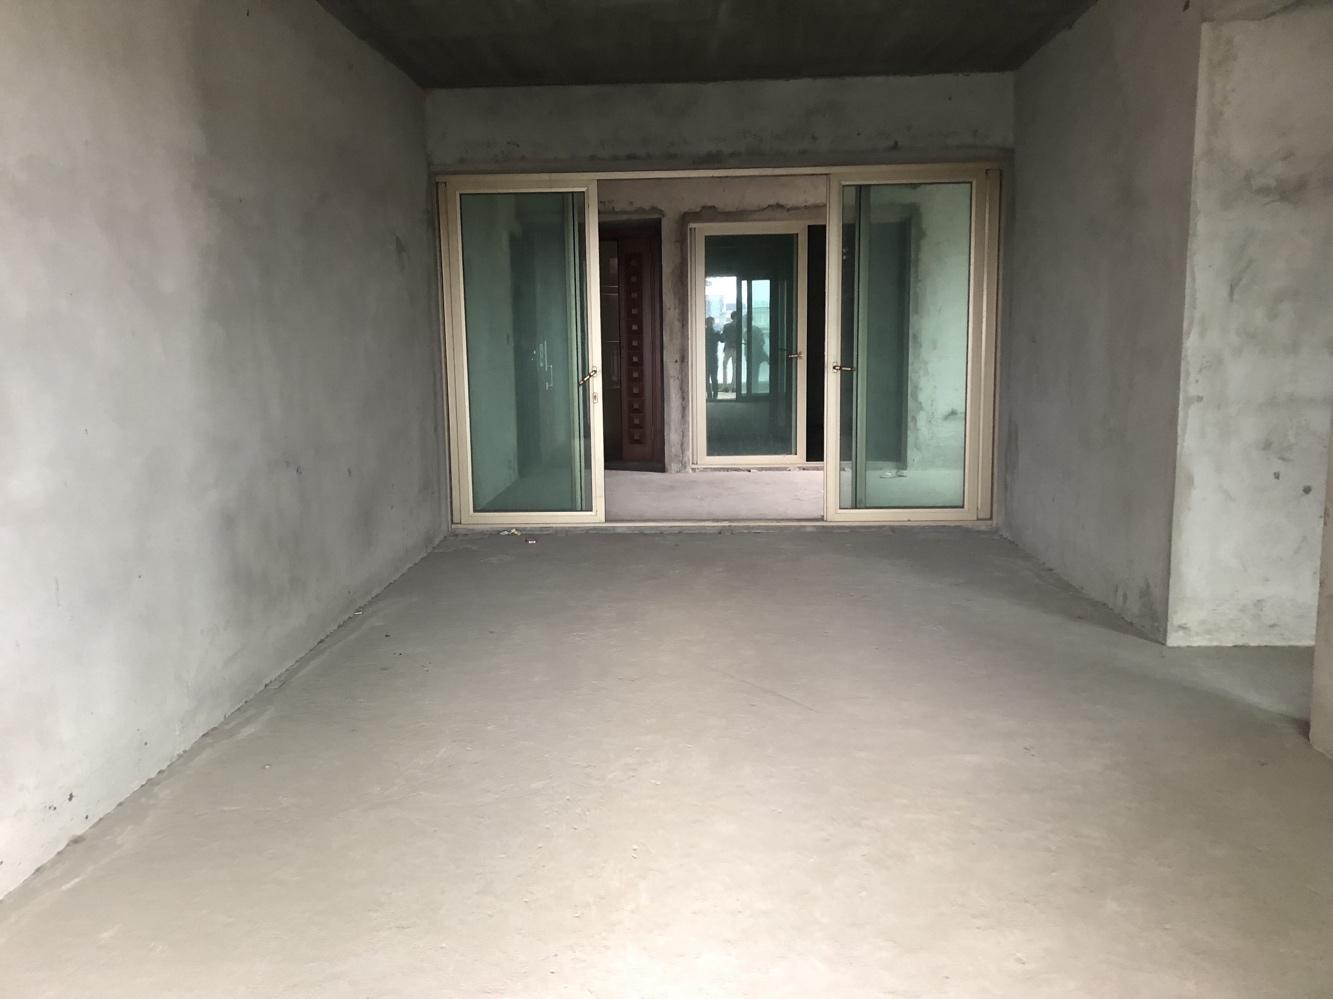 锦东花园A区 毛坯3房 中层 东南向 户型实用 随时看房